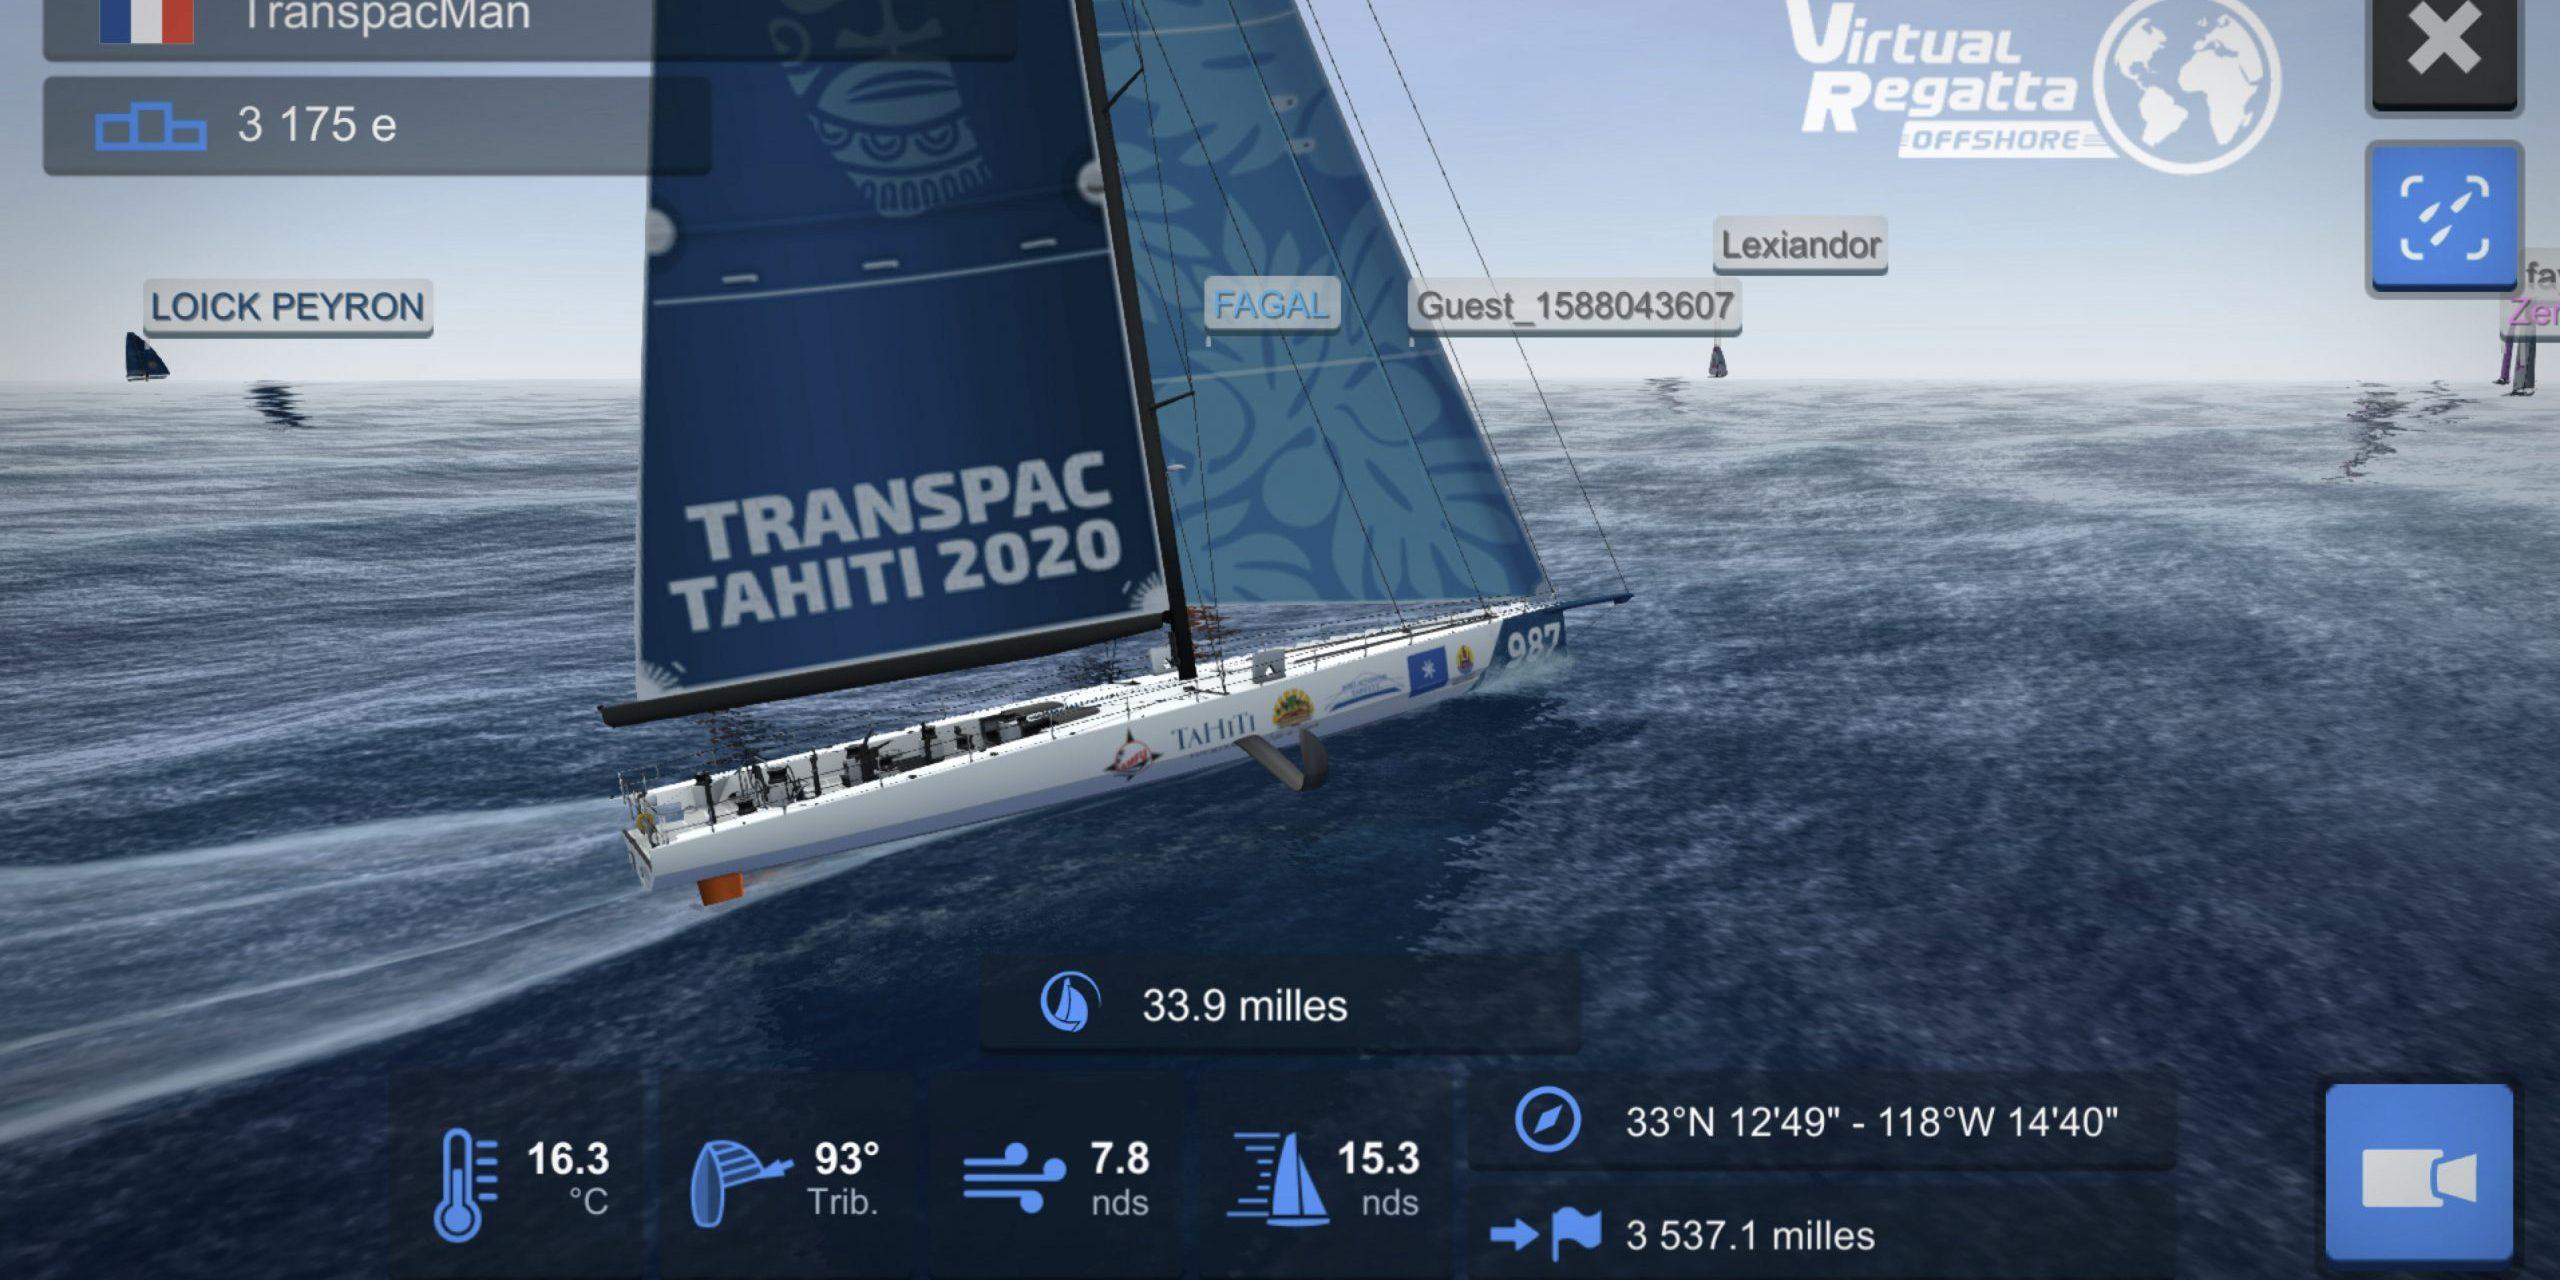 Pacifique : La course virtuelle de voile Transpac Tahiti touche à sa fin